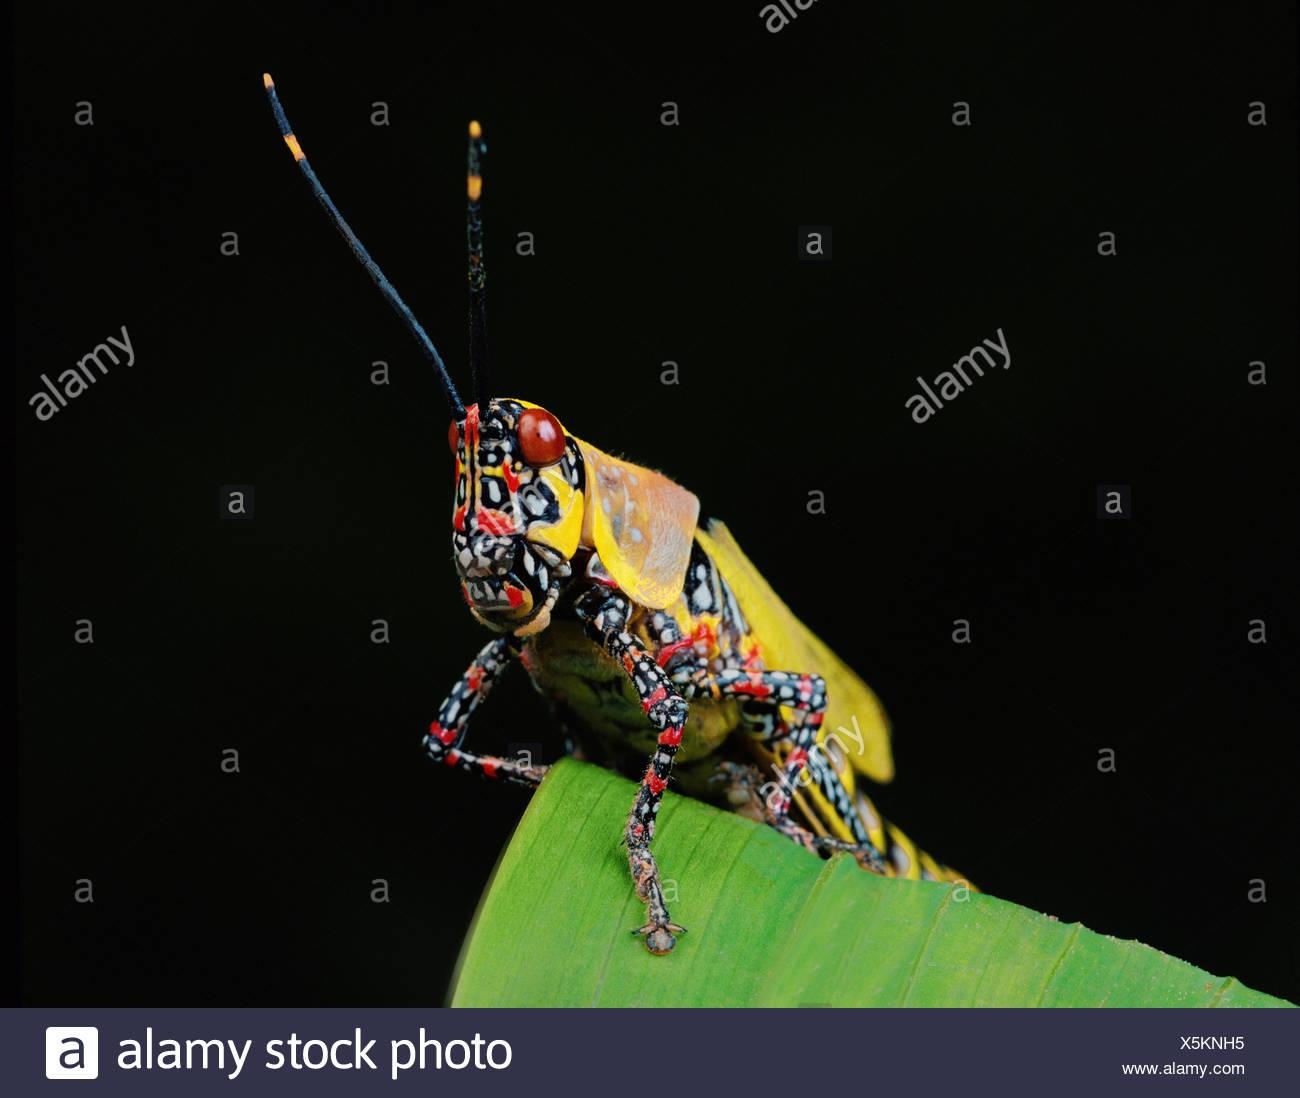 Multi colored locust - Stock Image